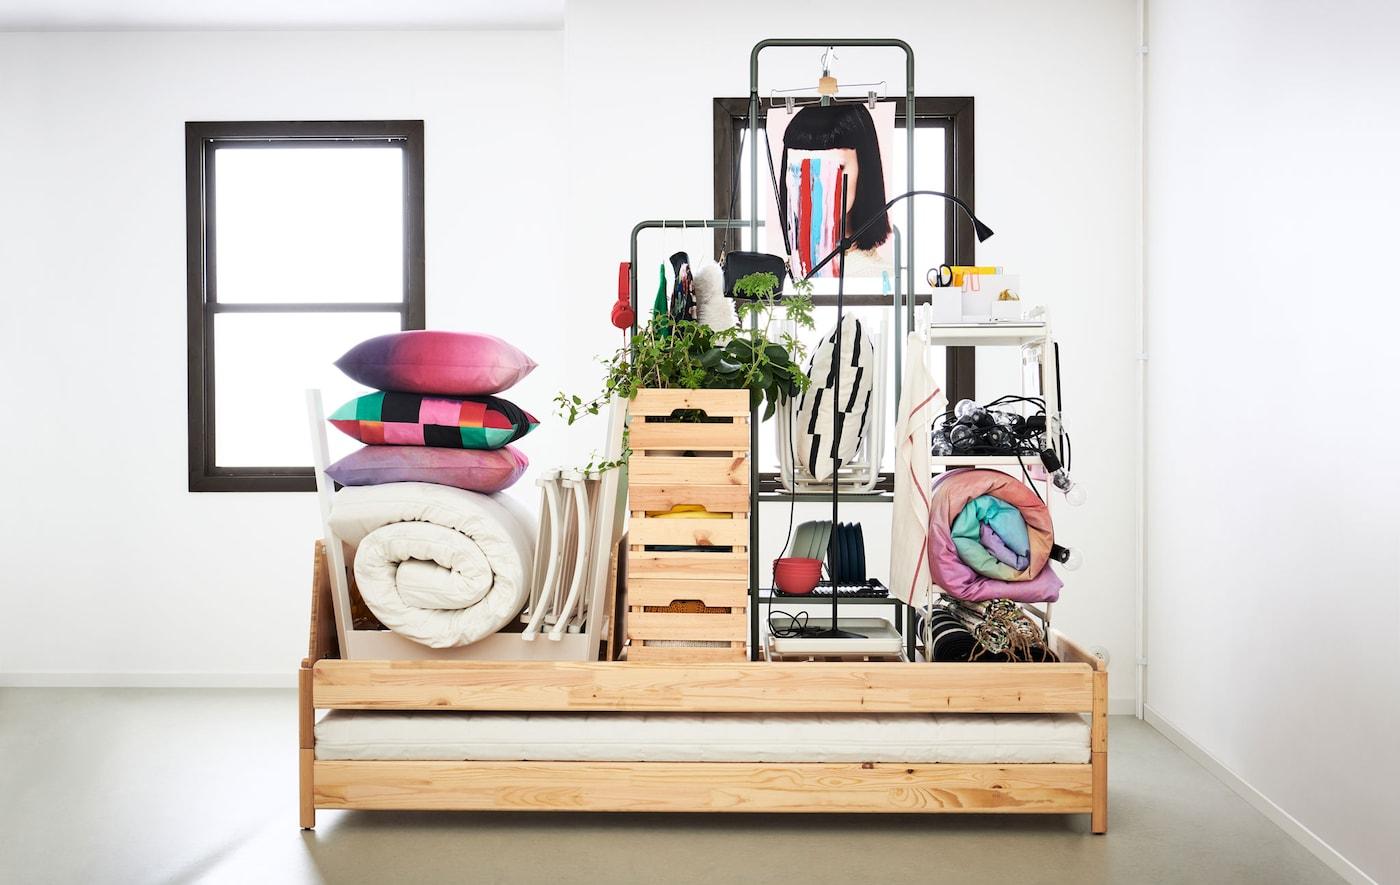 Interior de una habitación o apartamento con paredes desnudas. Una cama en el centro contiene todo el mobiliario y lo esencial de una casa pequeña.